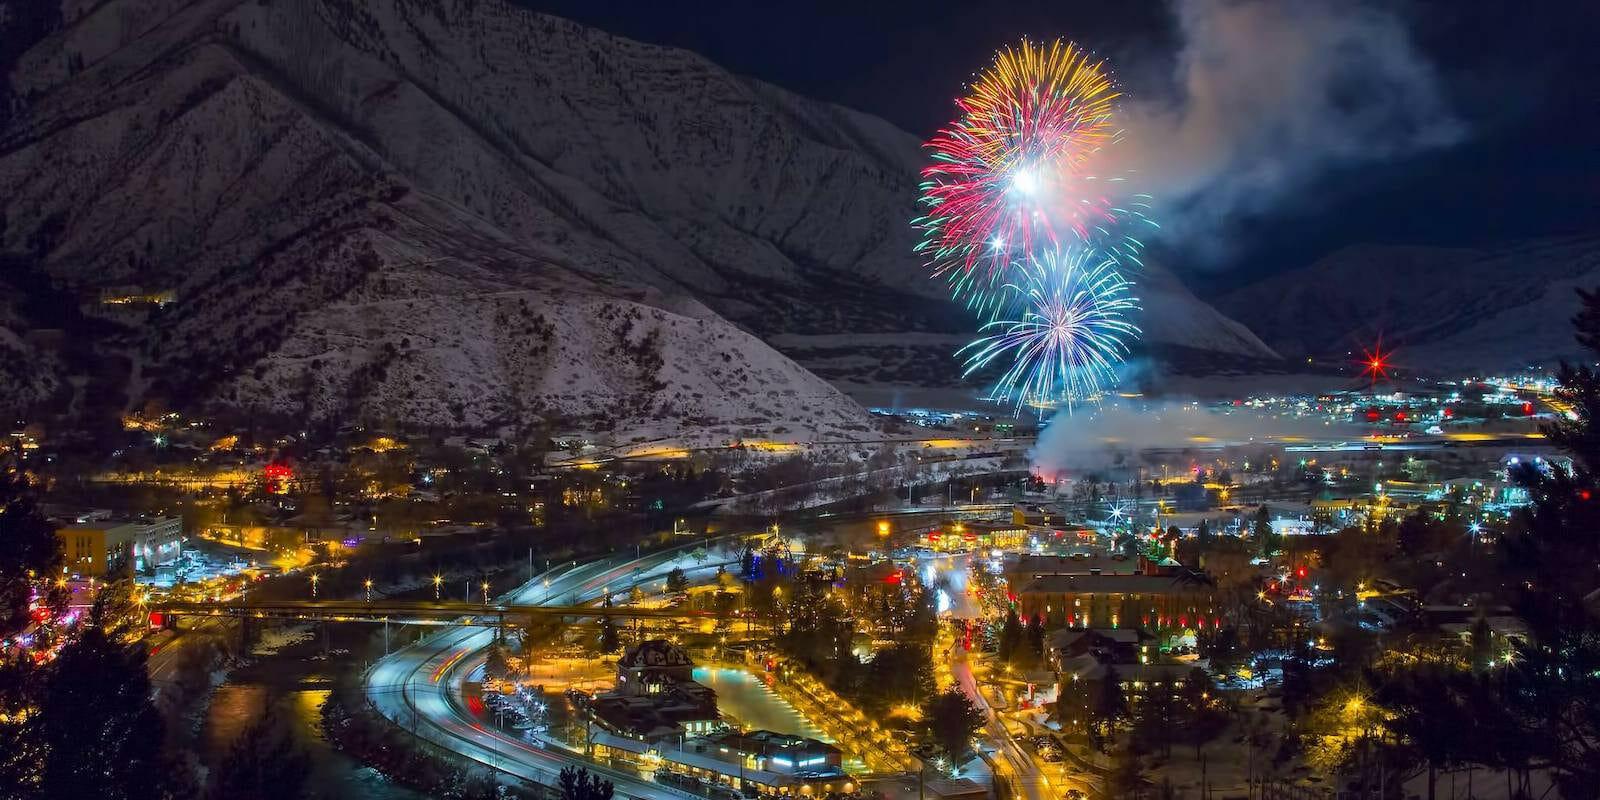 Image of fireworks over Glenwood Springs